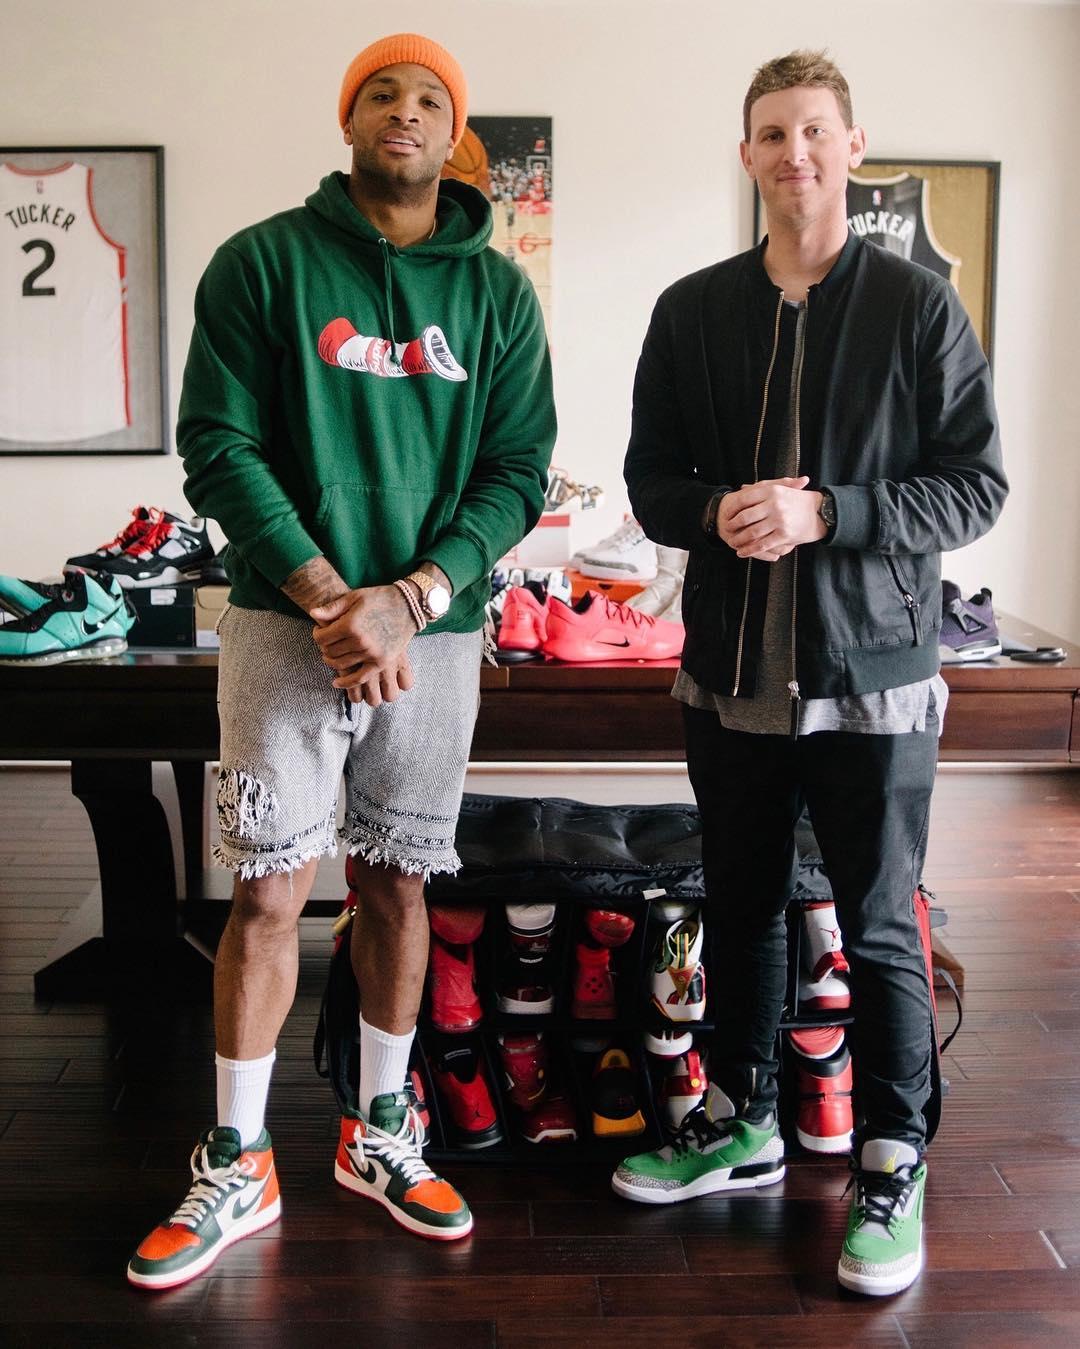 Nike,Air Jordan,塔克  鞋王之名当之无愧!塔克上赛季到底穿了多少双球鞋?